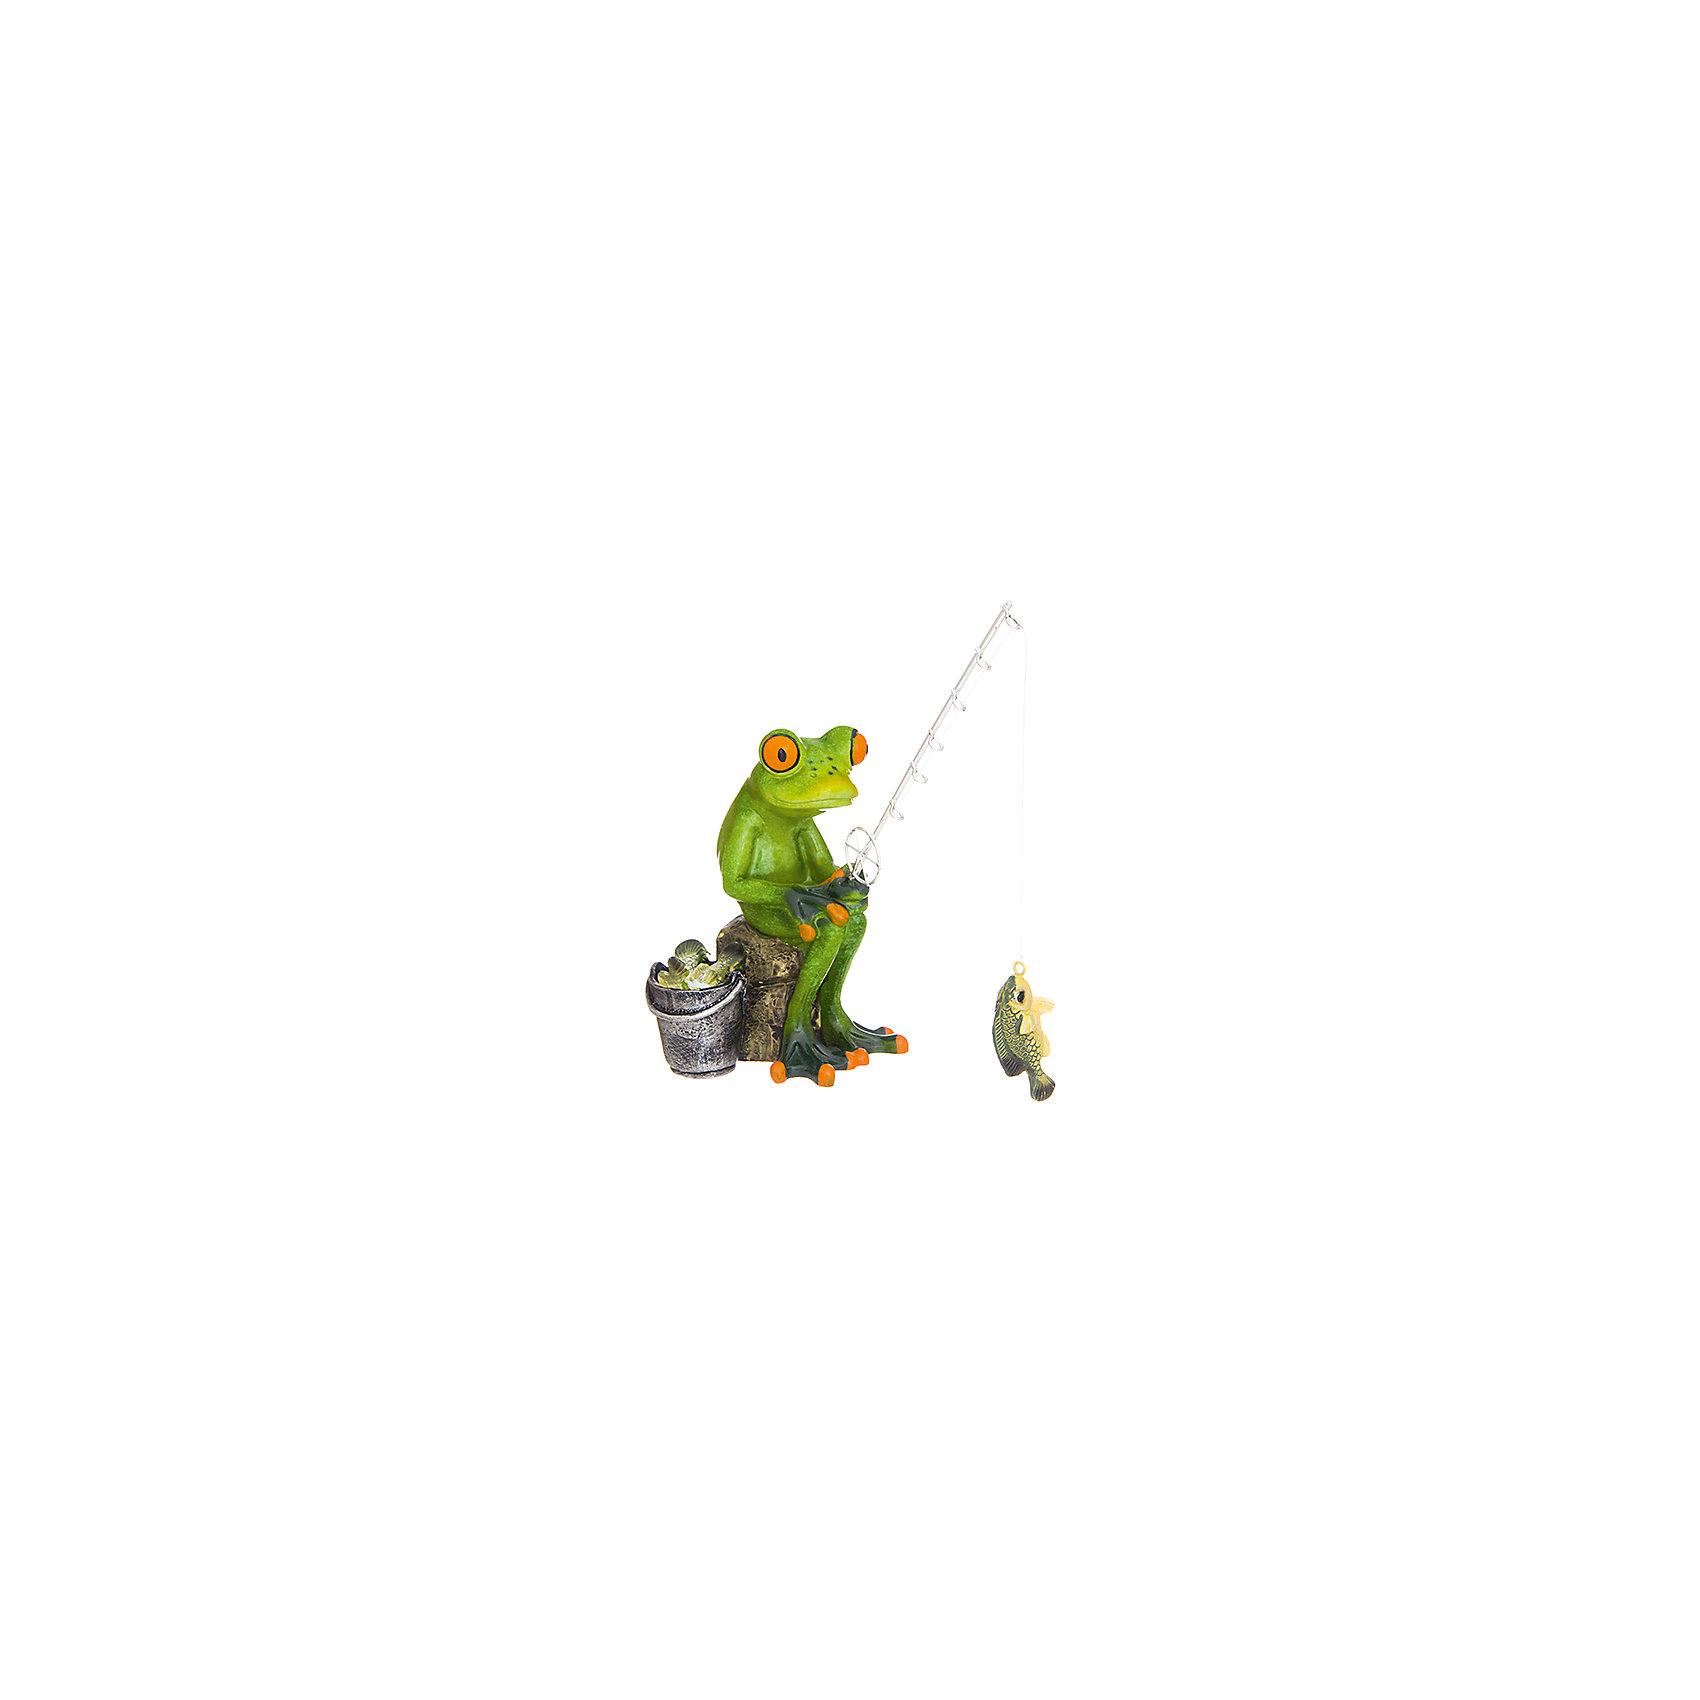 Фигурка декоративная Лягушонок - рыбак, Elan GalleryПредметы интерьера<br>Характеристики товара:<br><br>• цвет: мульти<br>• материал: полистоун<br>• высота: 17 см<br>• вес: 350 г<br>• подходит к любому интерьеру<br>• отлично проработаны детали<br>• универсальный размер<br>• страна бренда: Российская Федерация<br>• страна производства: Китай<br><br>Такая декоративная фигурка - отличный пример красивой вещи для любого интерьера. Благодаря универсальному дизайну и расцветке она хорошо будет смотреться в помещении.<br><br>Декоративная фигурка может стать отличным приобретением для дома или подарком для любителей симпатичных вещей, украшающих пространство.<br><br>Бренд Elan Gallery - это красивые и практичные товары для дома с современным дизайном. Они добавляют в жильё уюта и комфорта! <br><br>Фигурку декоративную Лягушонок - рыбак Elan Gallery можно купить в нашем интернет-магазине.<br><br>Ширина мм: 168<br>Глубина мм: 113<br>Высота мм: 234<br>Вес г: 365<br>Возраст от месяцев: 0<br>Возраст до месяцев: 1188<br>Пол: Унисекс<br>Возраст: Детский<br>SKU: 6669053